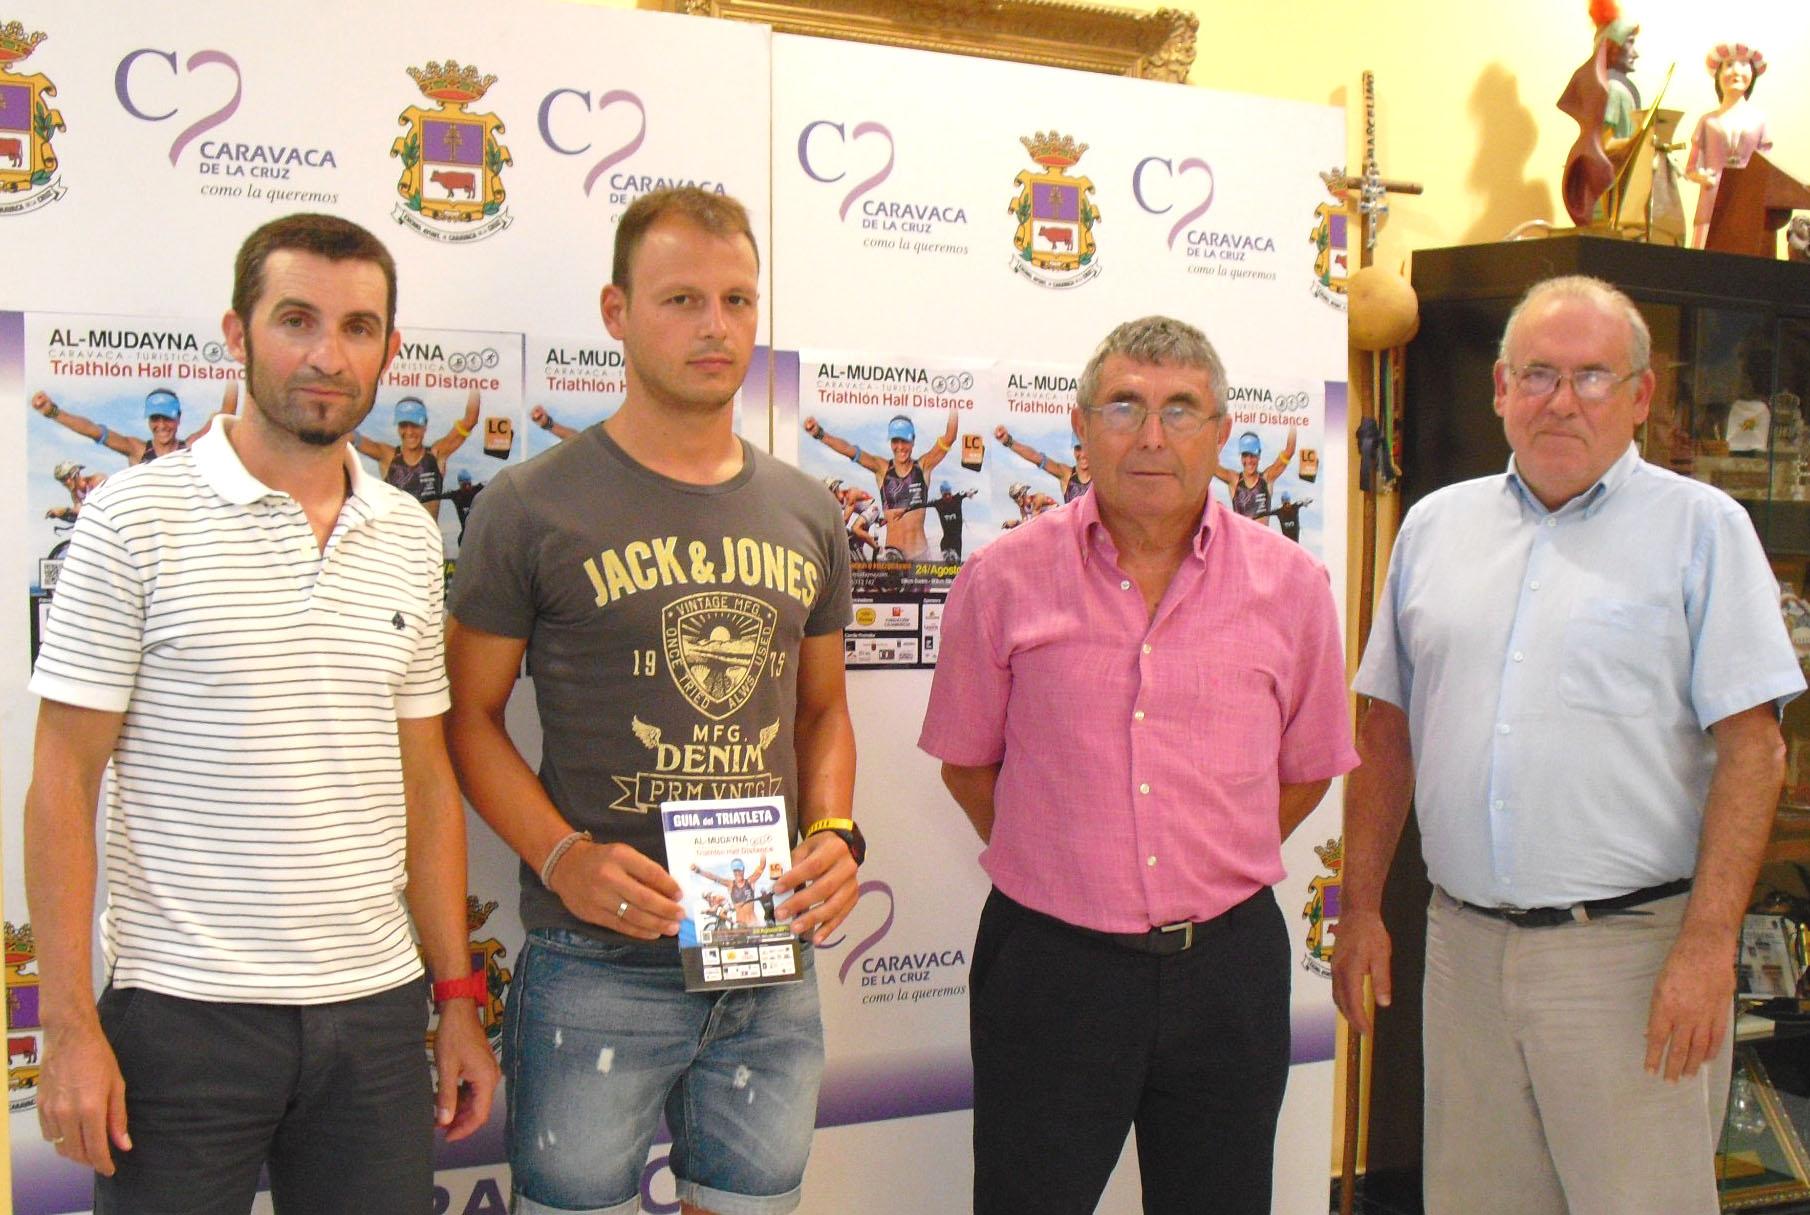 Más de 200 deportistas participan en la primera edición del Triatlón Al-Mudayna